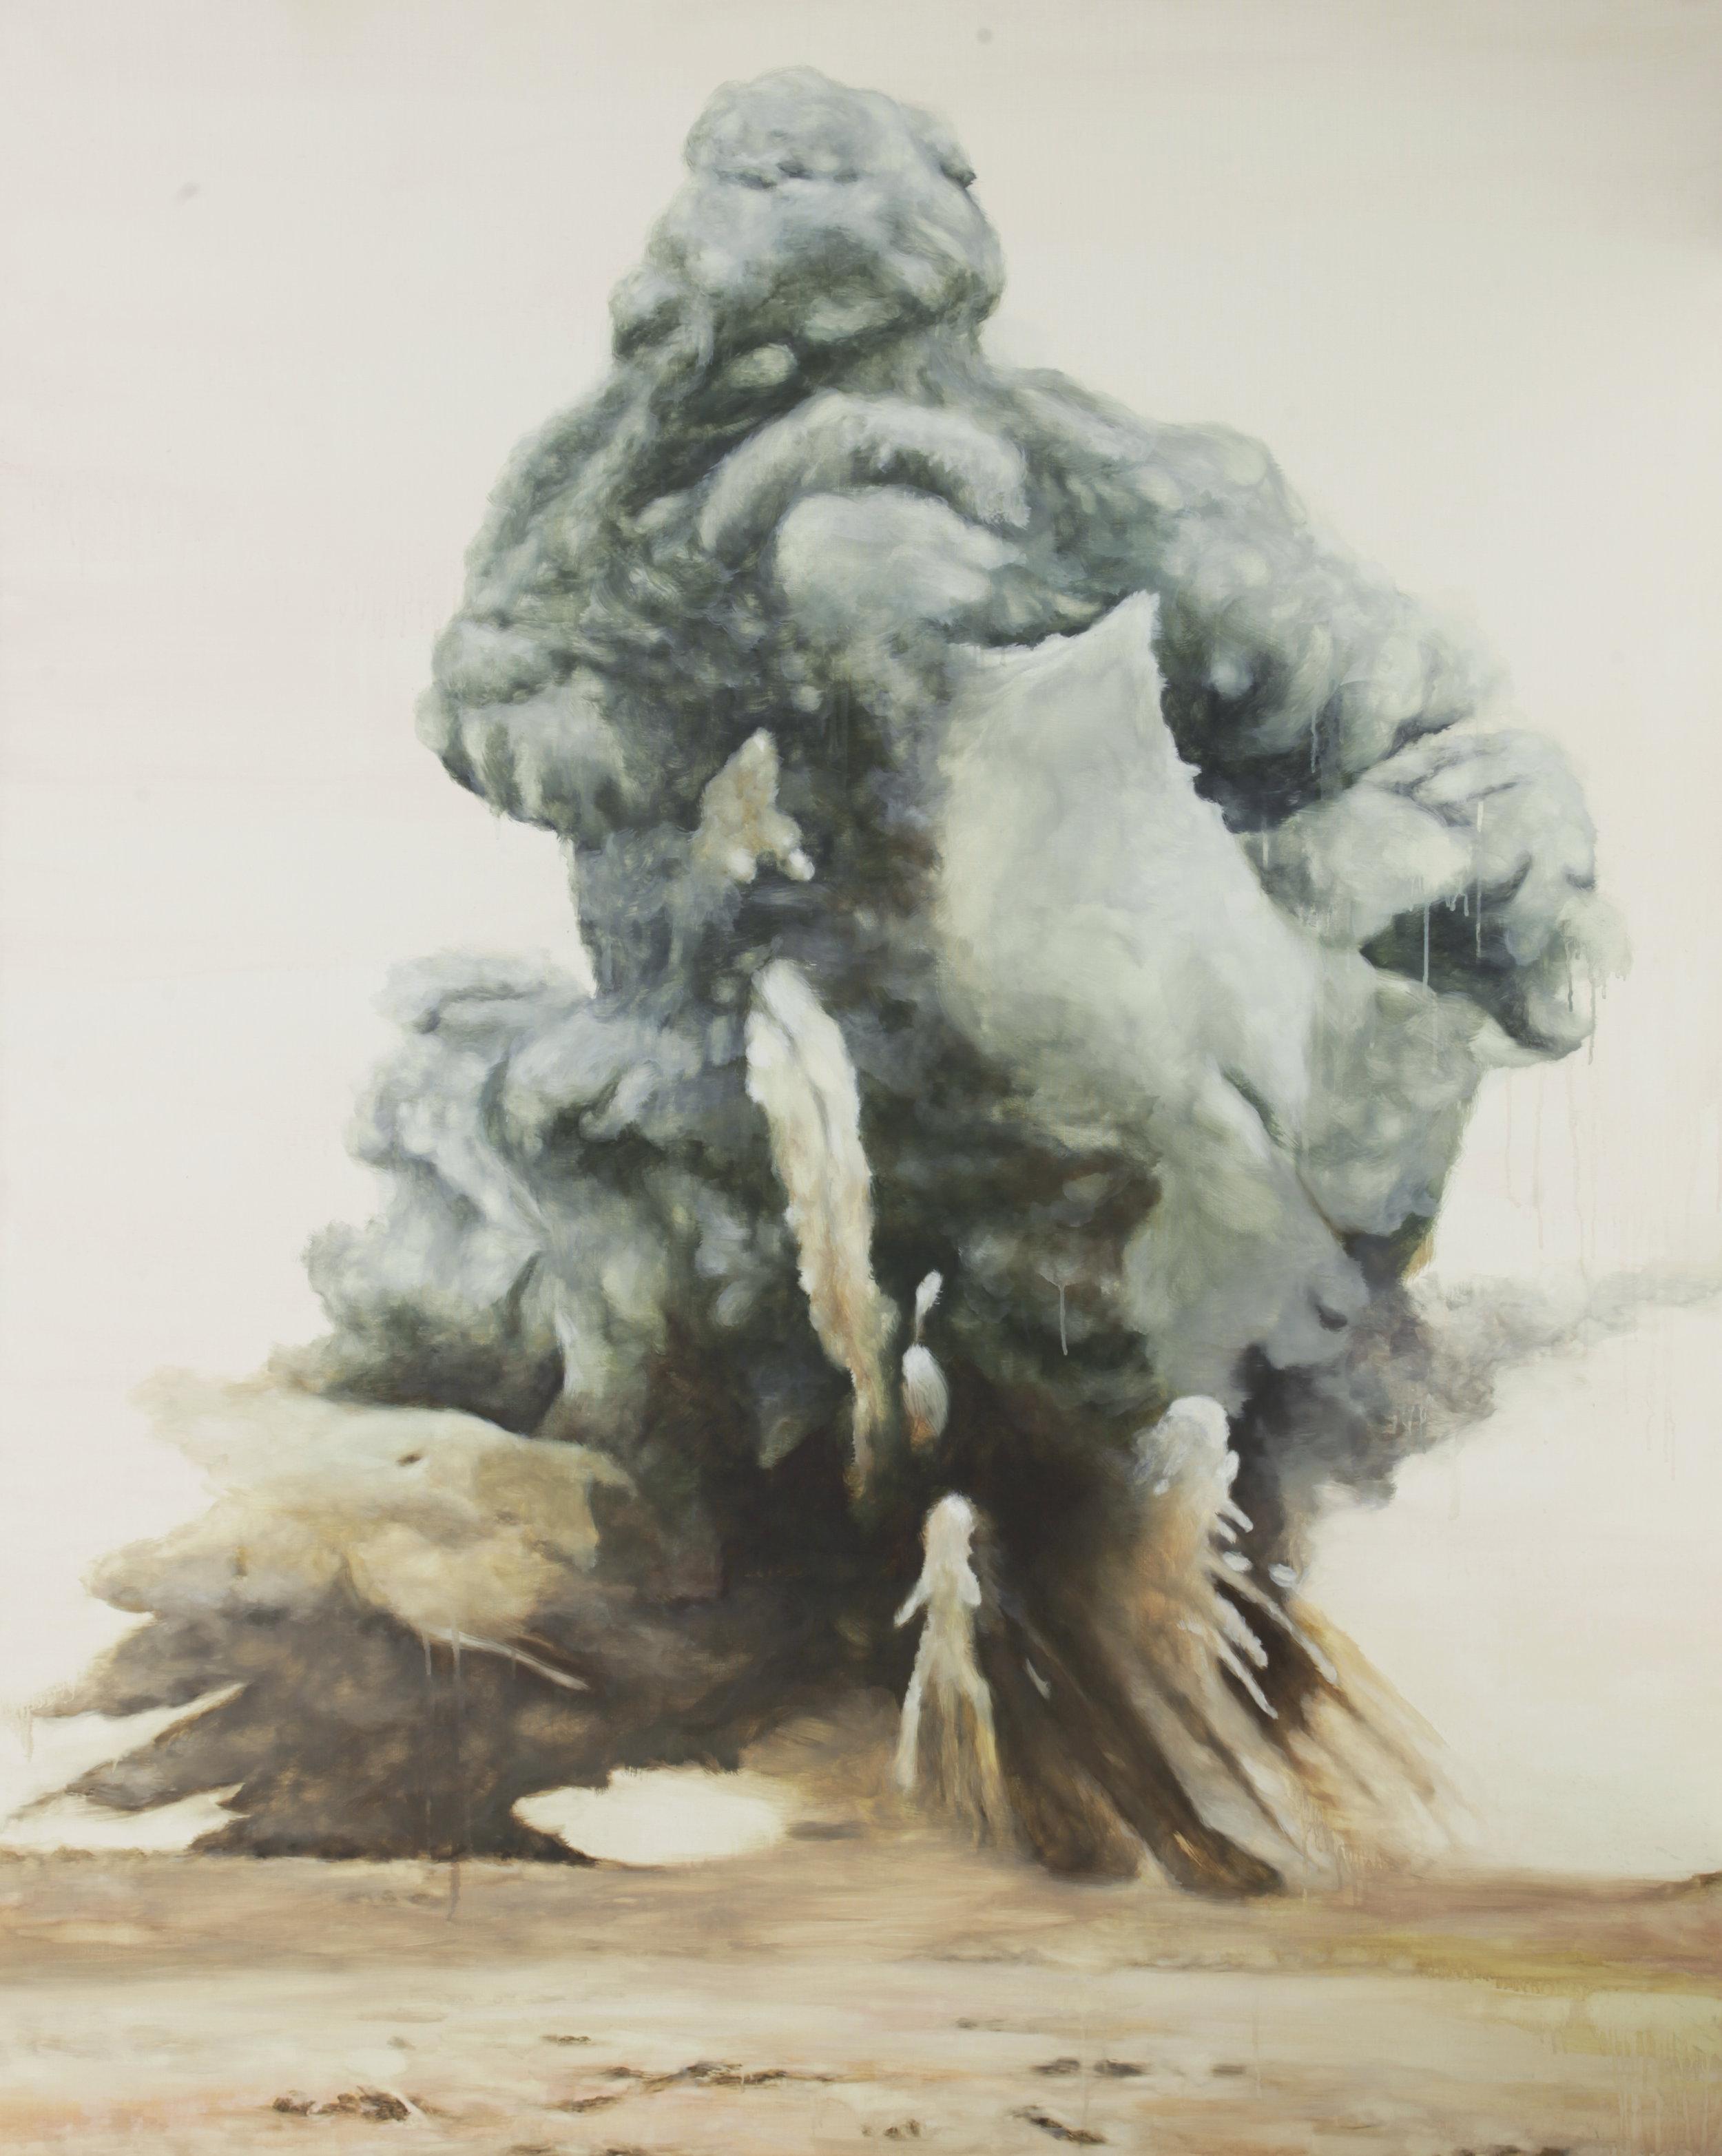 SH014_Kandahar Oct. 28 2010_2010_Oil on canvas_161.6 x 129.5 cm.JPG